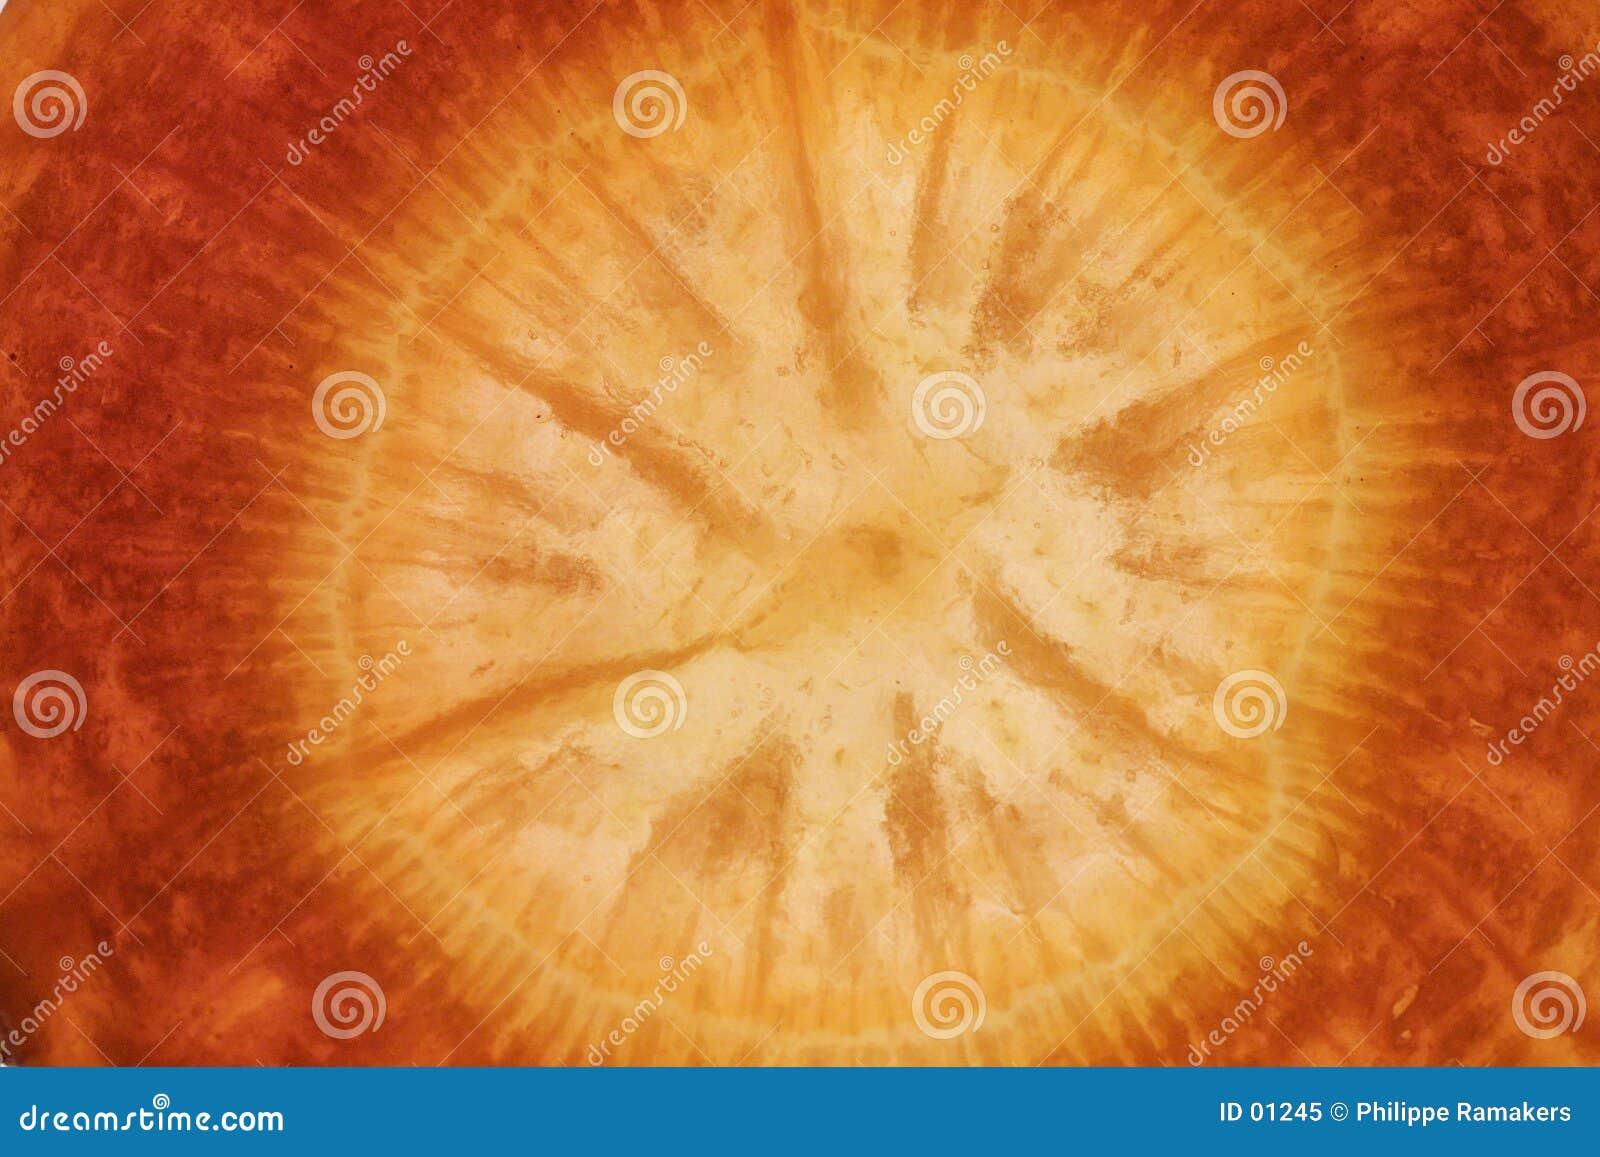 Karottedetail